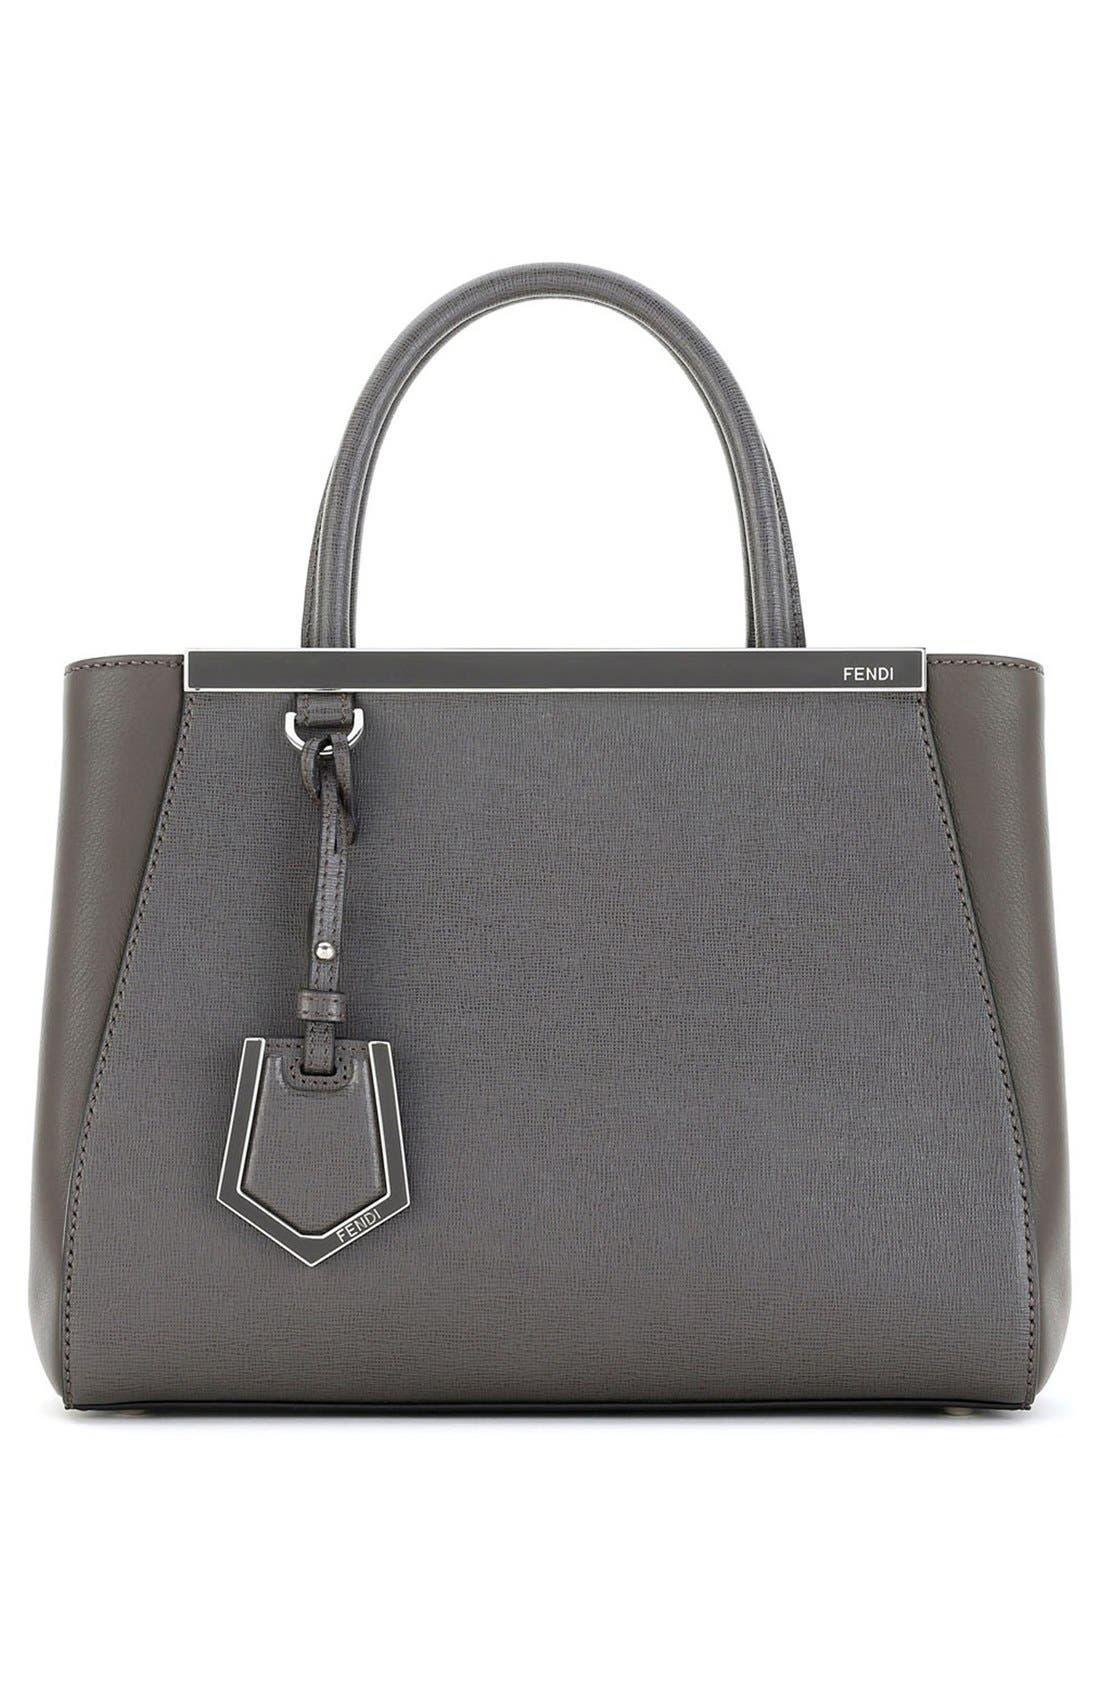 'Petite 2Jours Elite' Leather Shopper,                             Alternate thumbnail 7, color,                             Grey/ Gold Hdwr